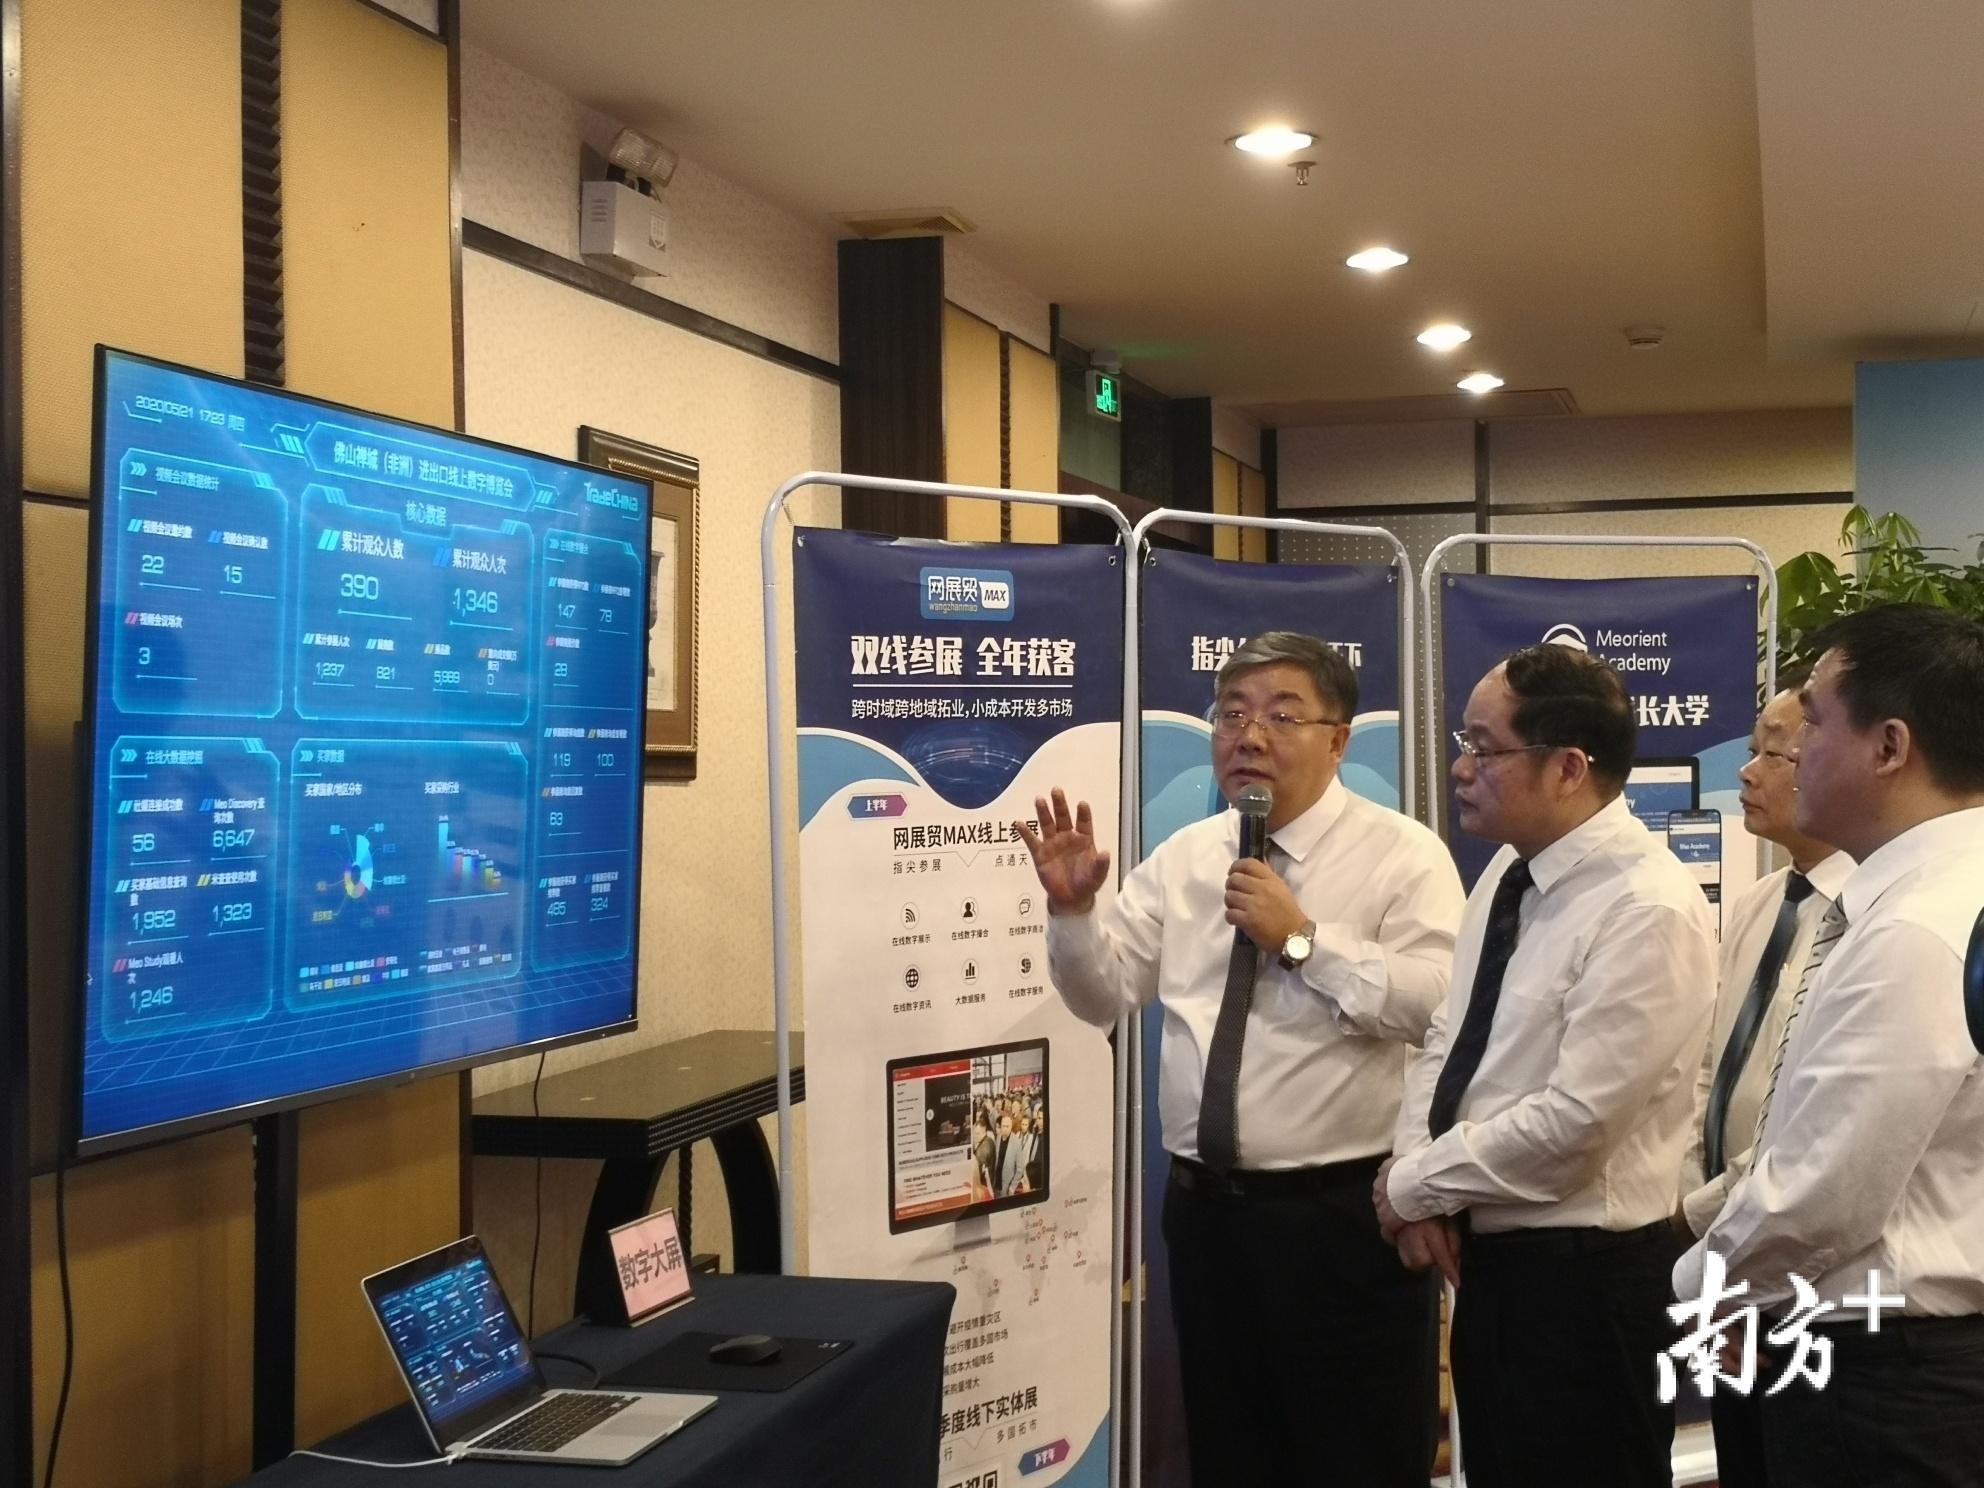 线上数字展览会运用大数据、云计算、人工智能等手段,实现精准配对等6大功能。罗湛贤 摄